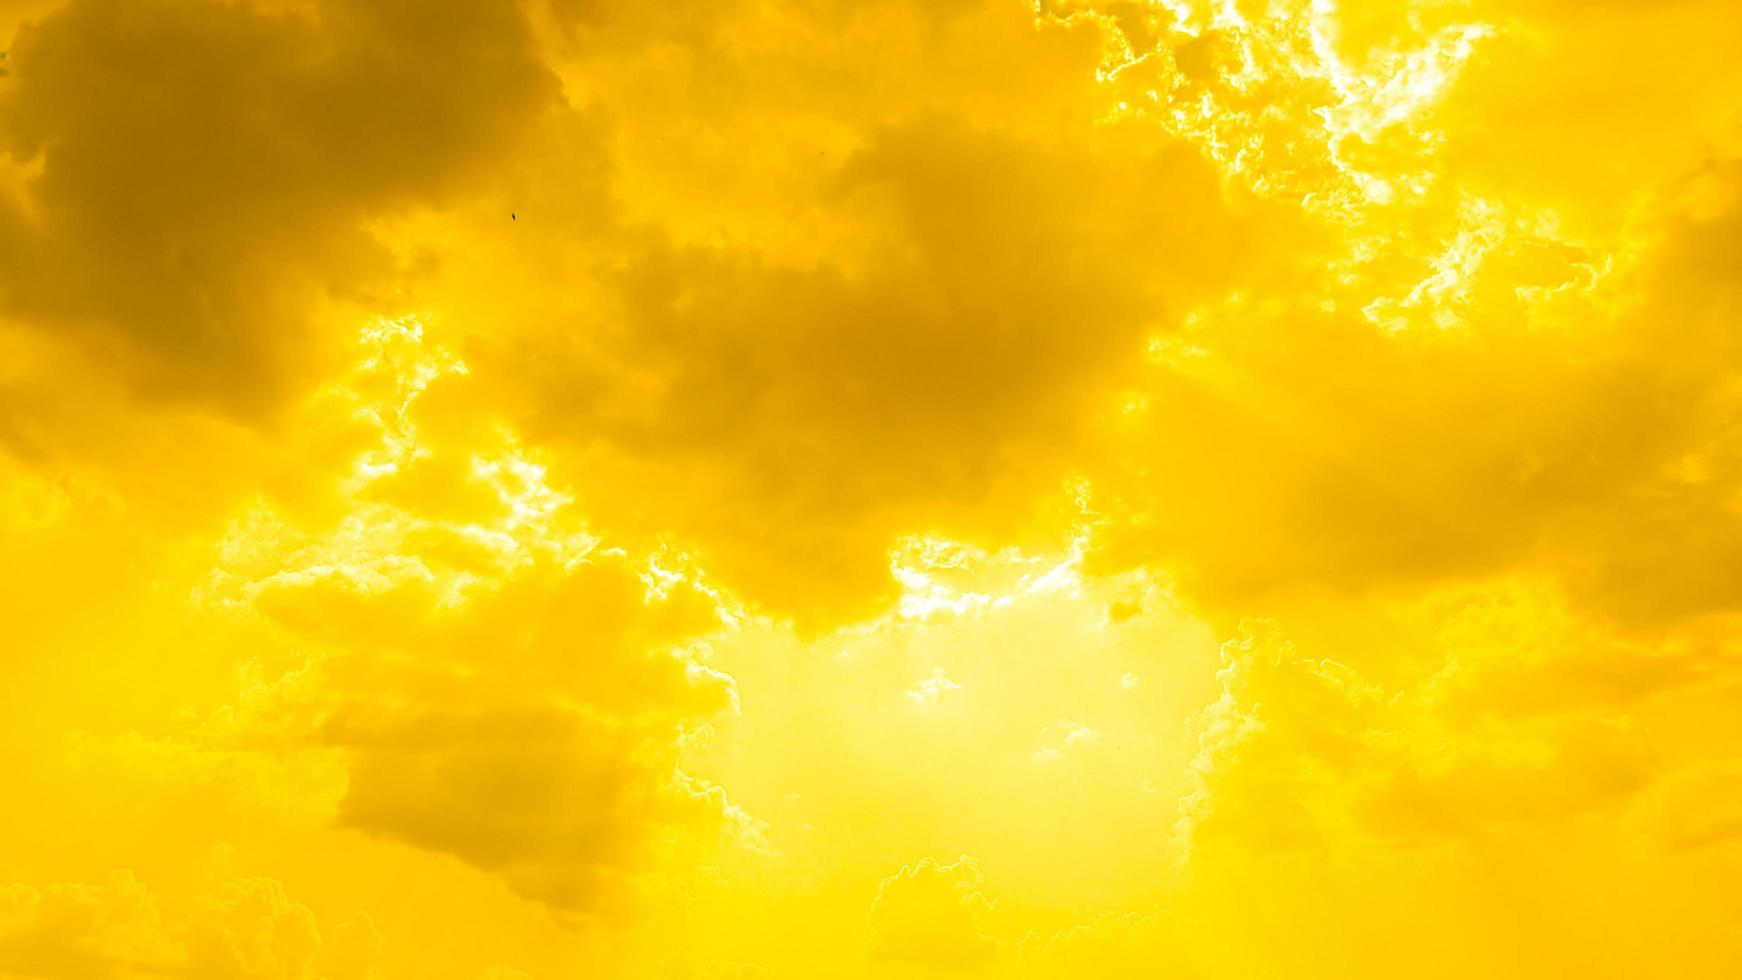 abstrakt bakgrund av gult grumligt foto